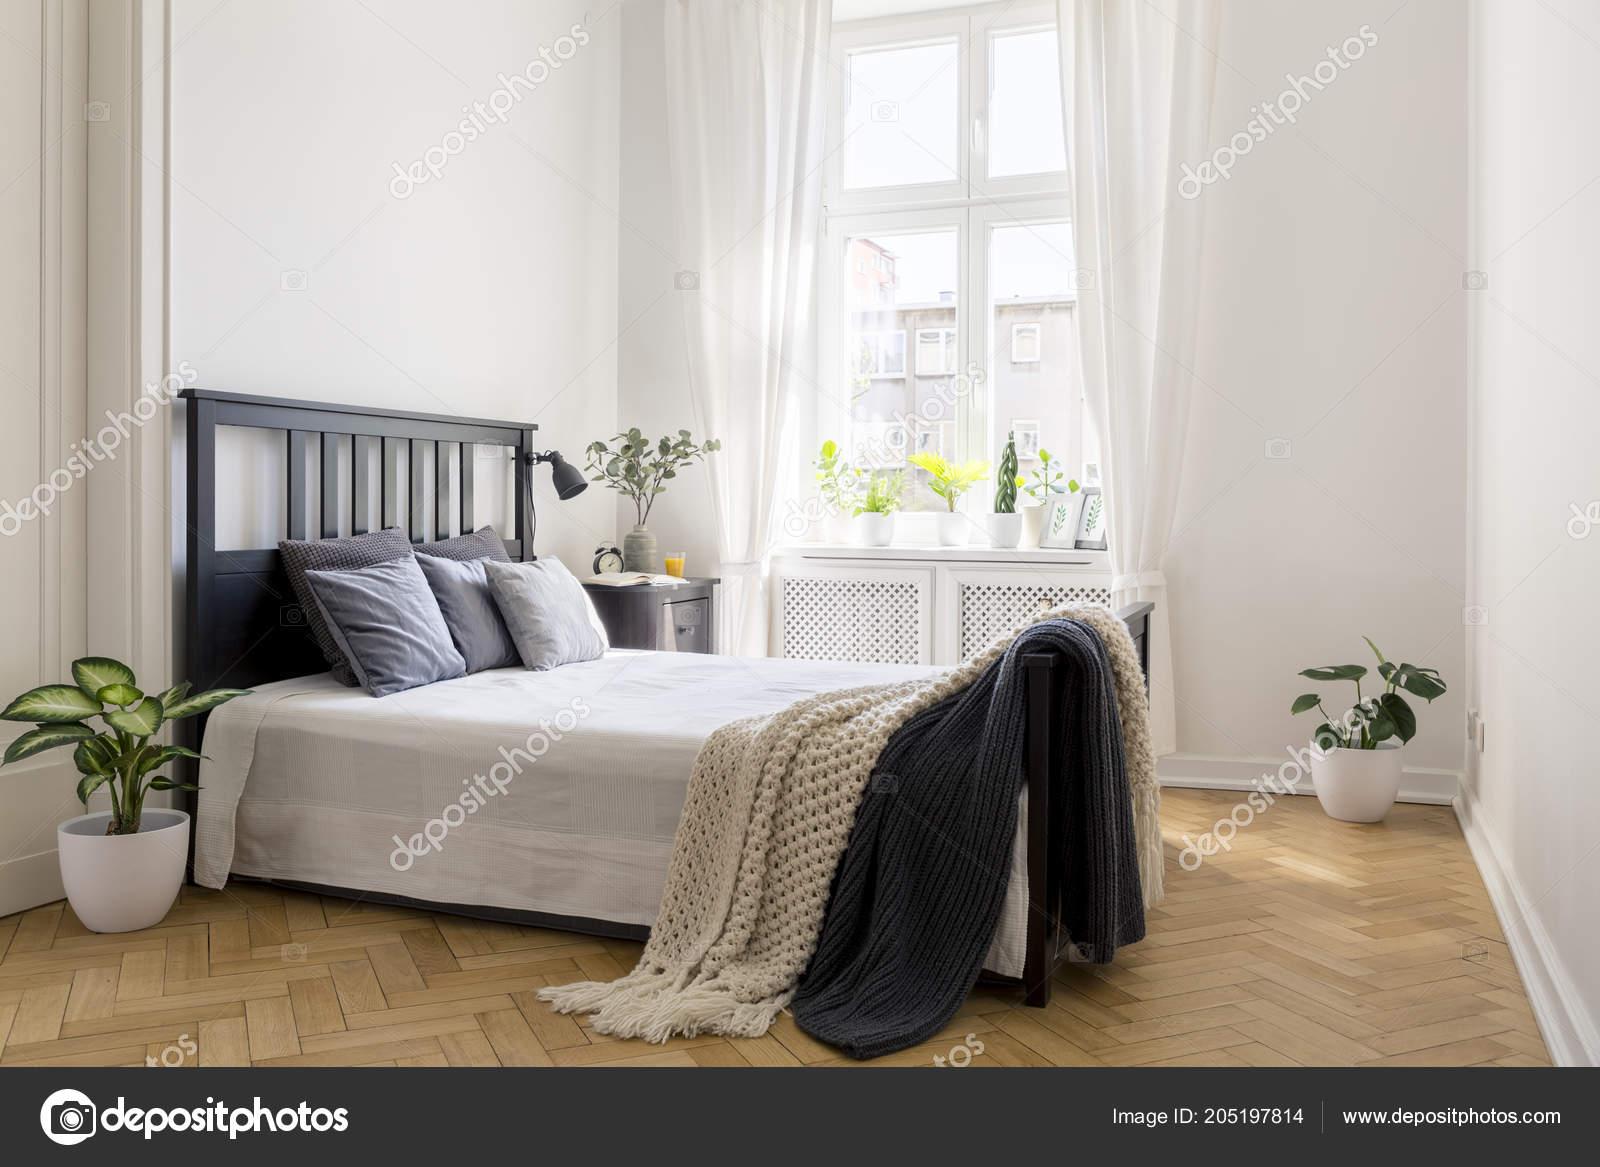 вязать одеяло кровати минимальной белая спальня интерьер растениями